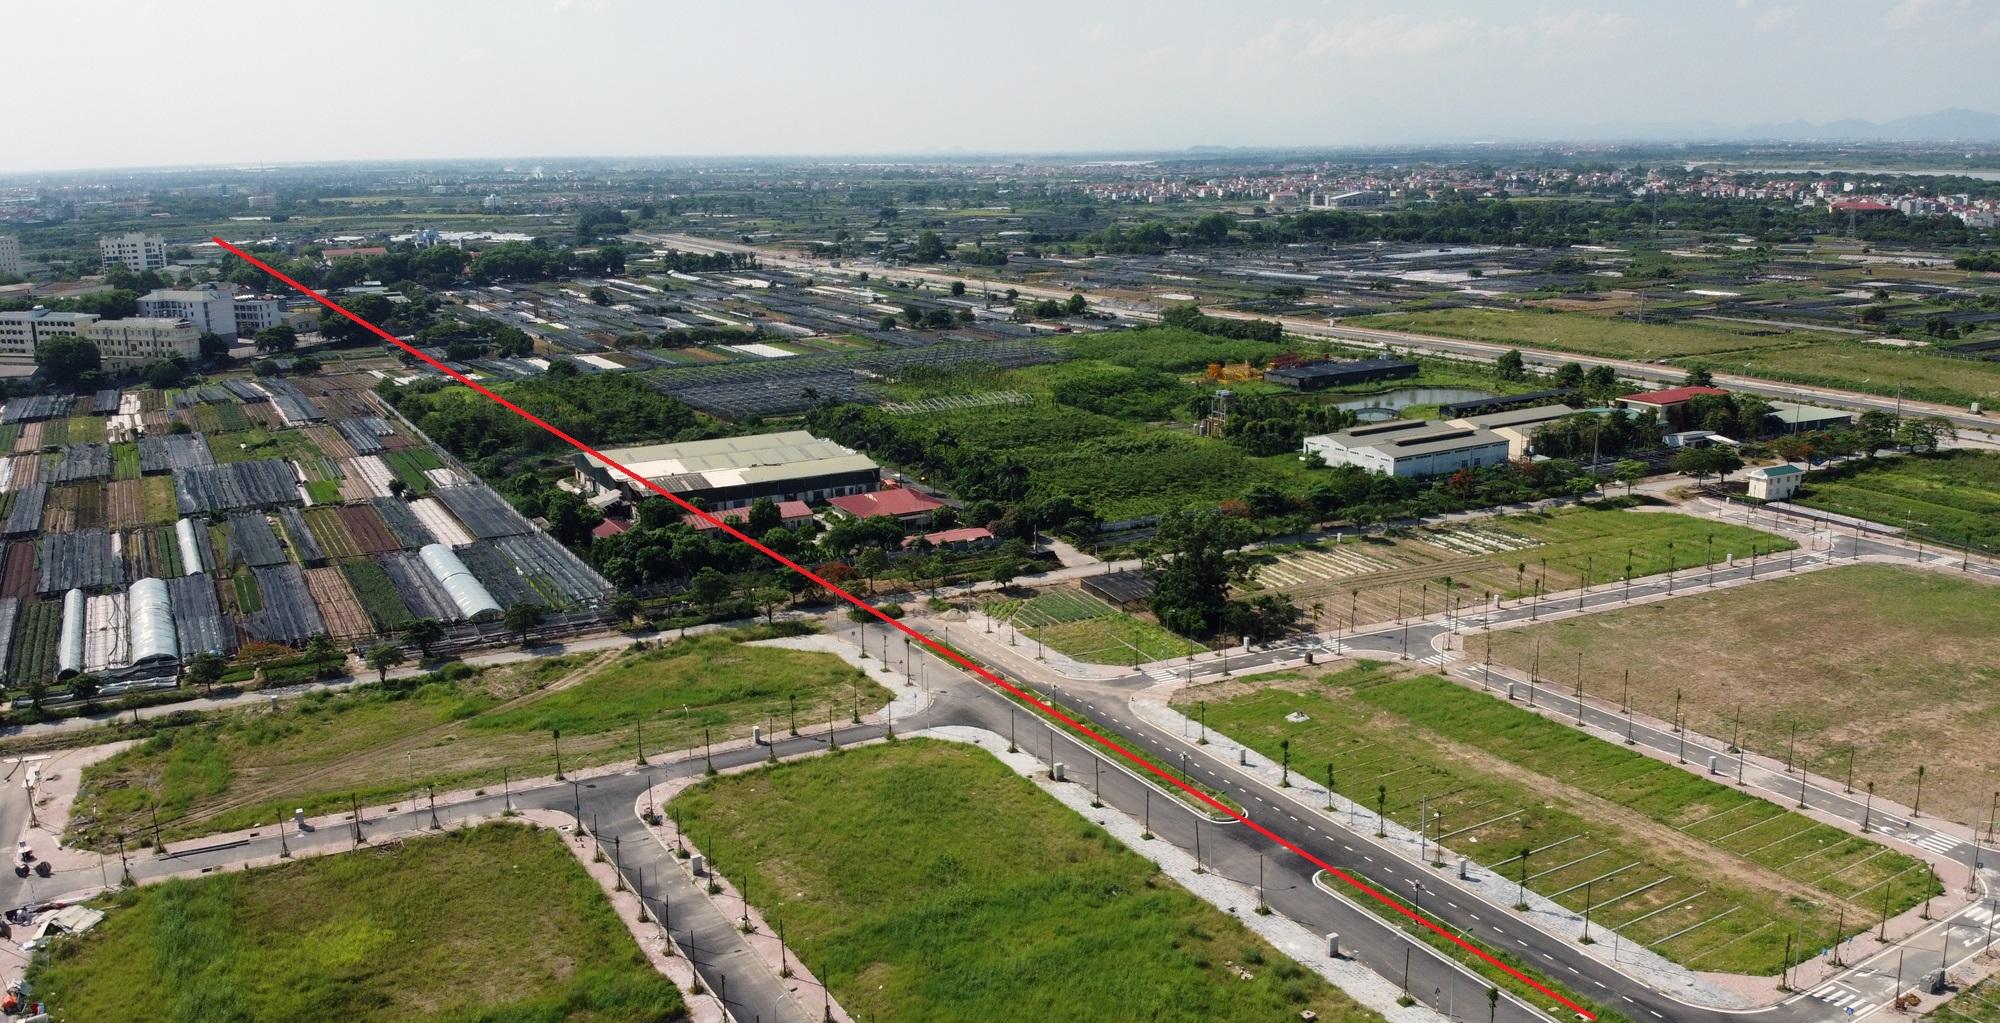 4 đường sẽ mở theo qui hoạch ở phường Tây Tựu, Bắc Từ Liêm - Ảnh 16.